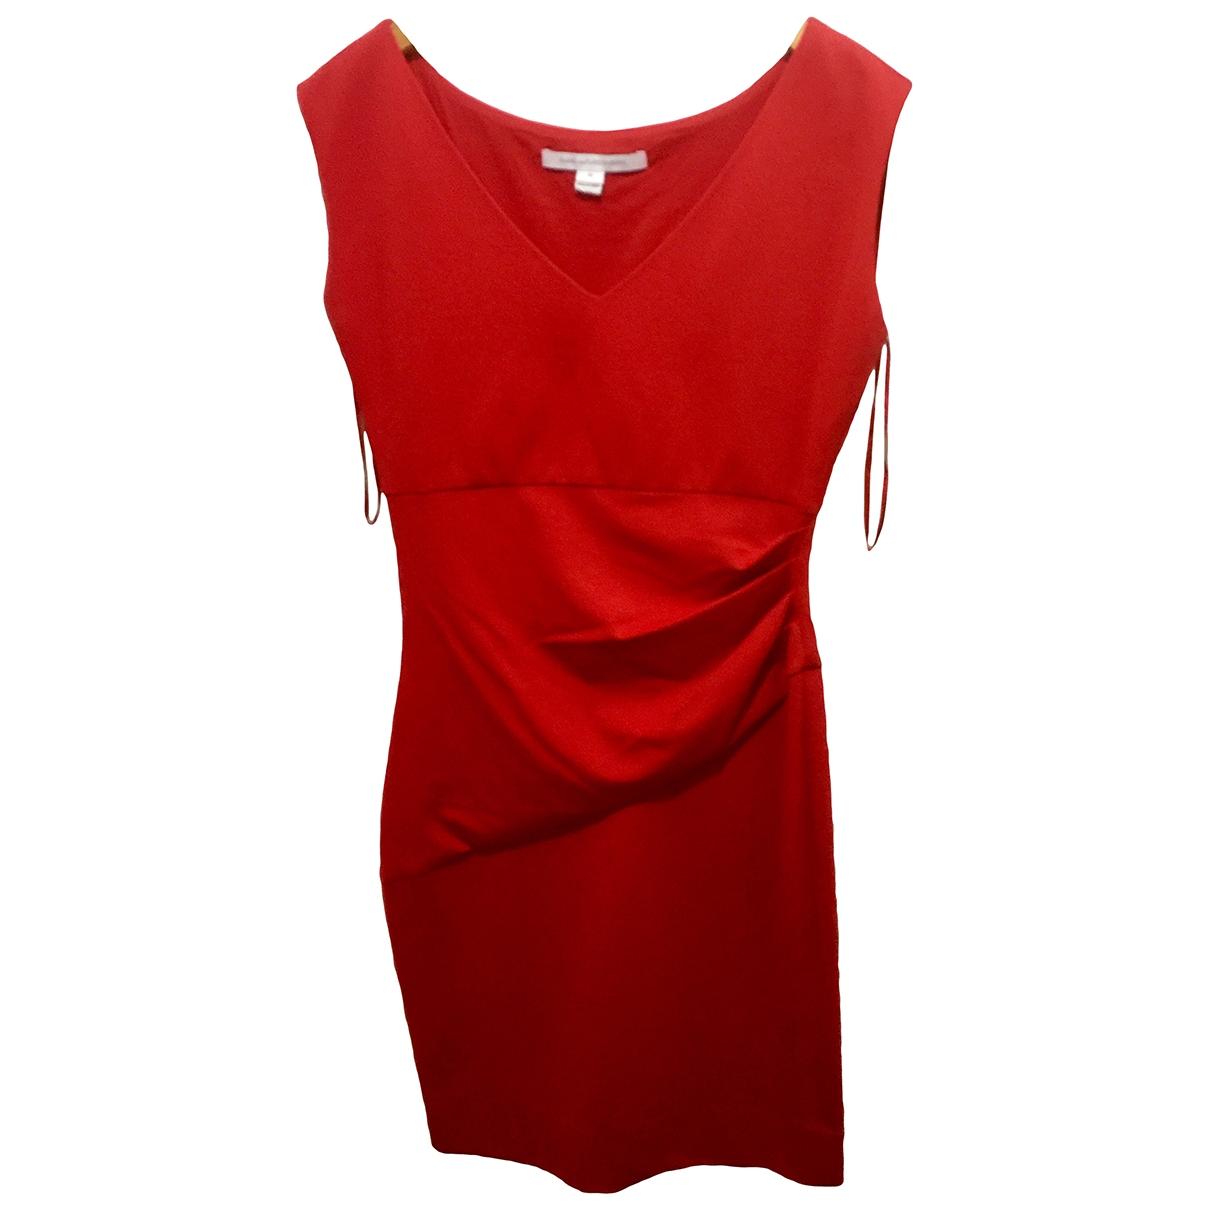 Diane Von Furstenberg \N Red dress for Women 10 US